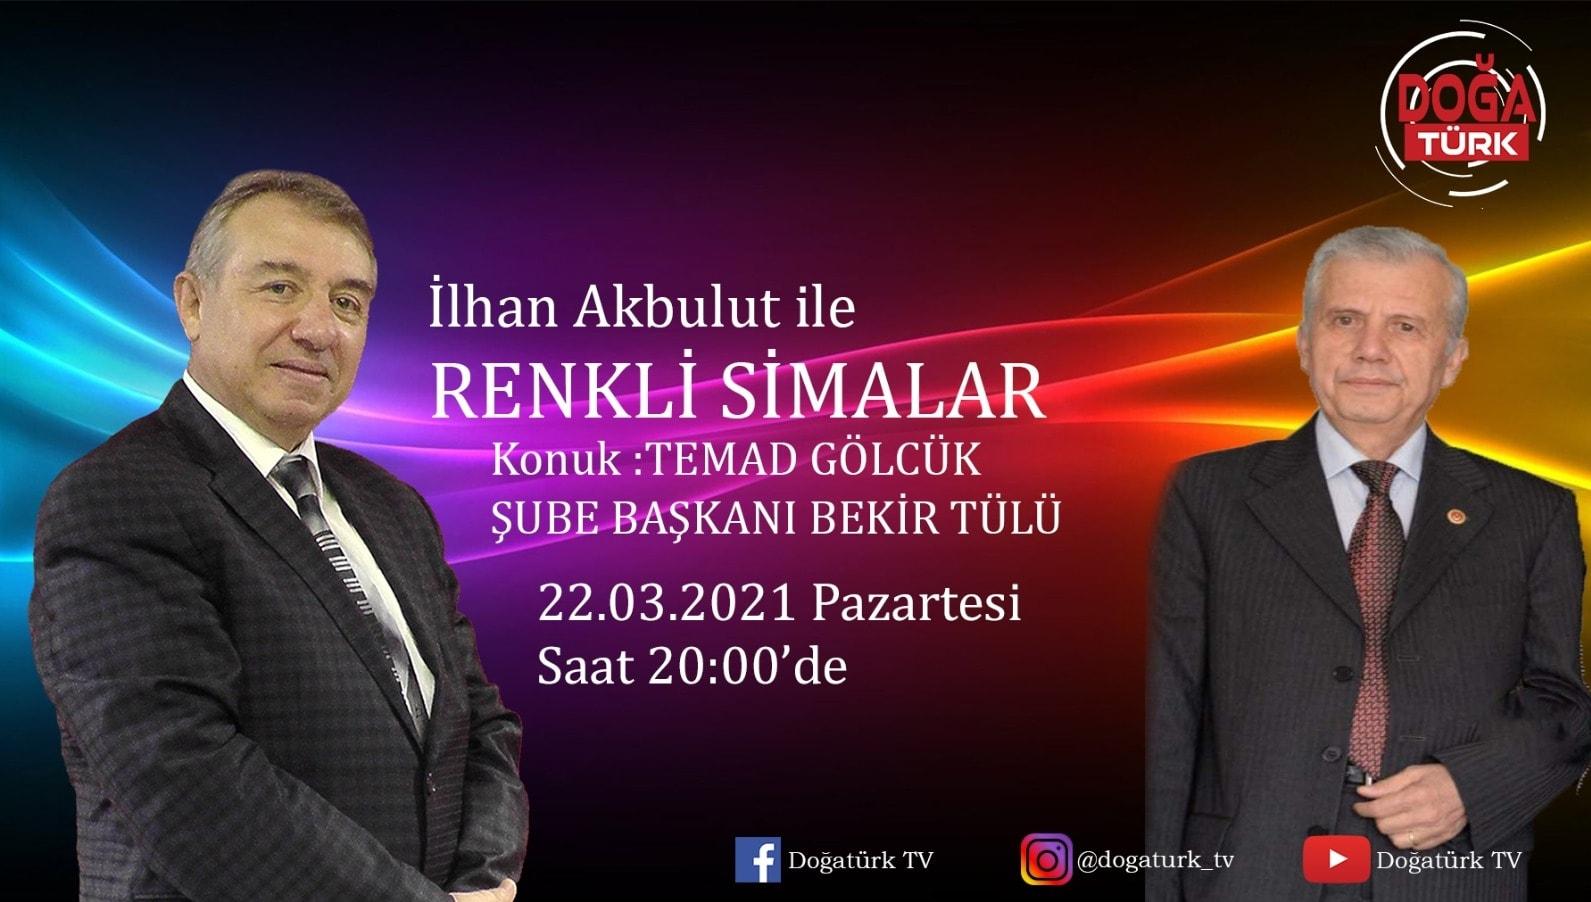 Renkli Simalar'da bu hafta TEMAD Gölcük Şube Başkanı sayın Bekir Tülü ile birlikte olacağız.